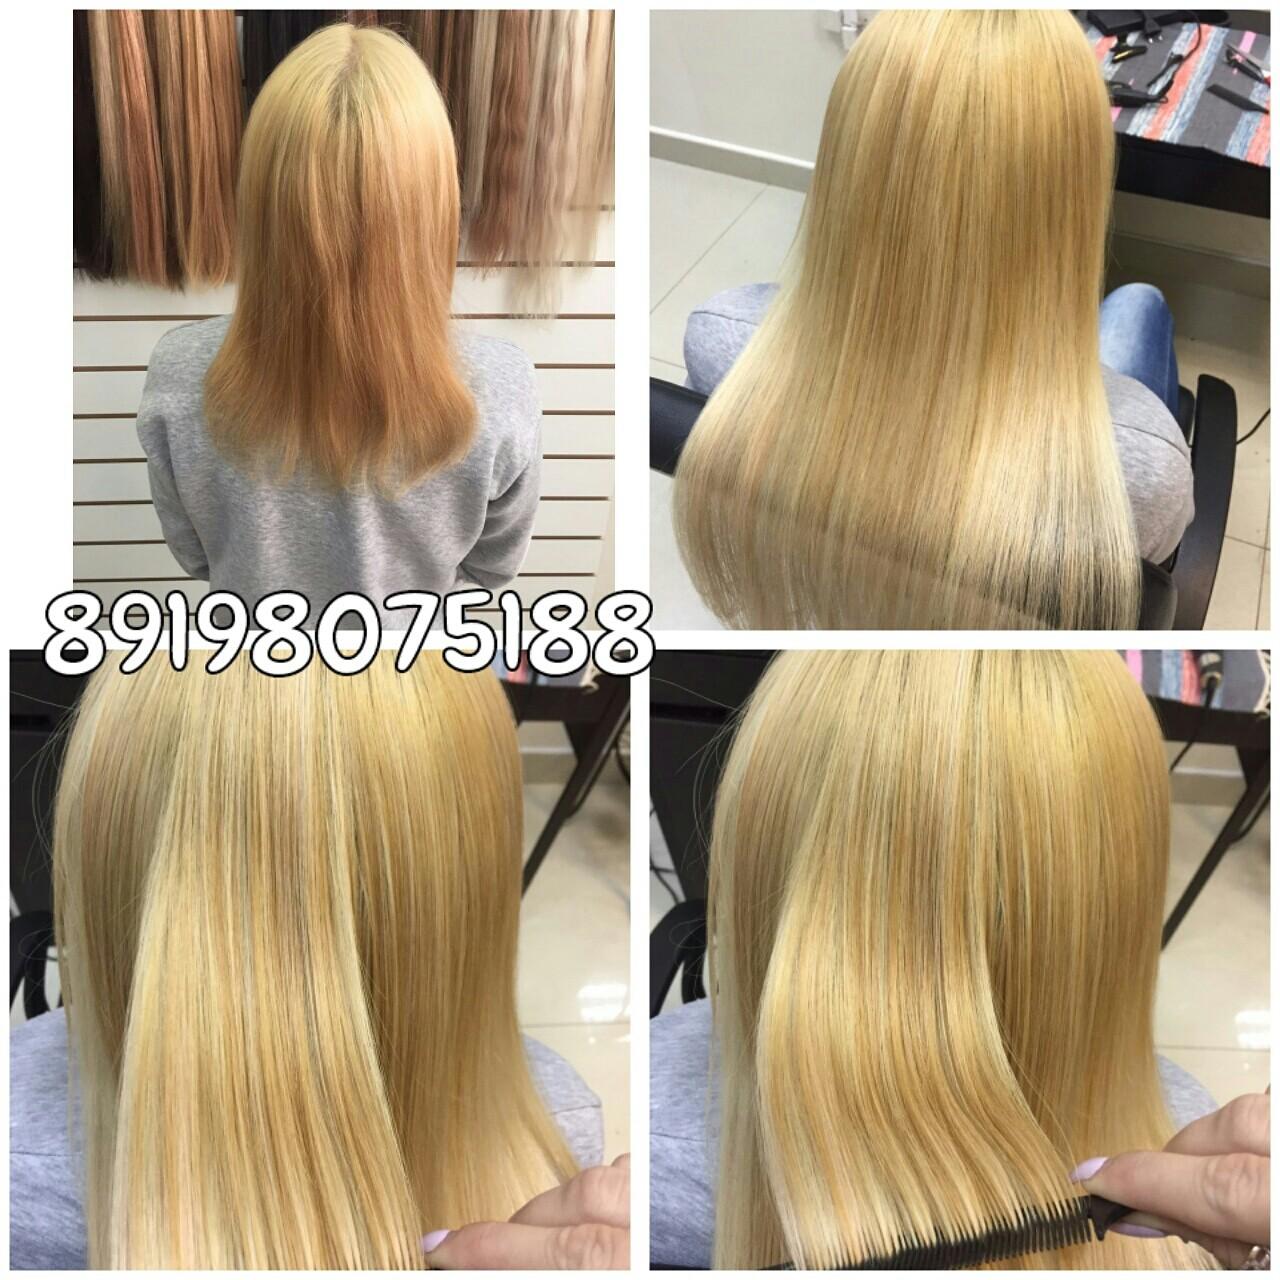 Выпрямление волос в Самаре 3